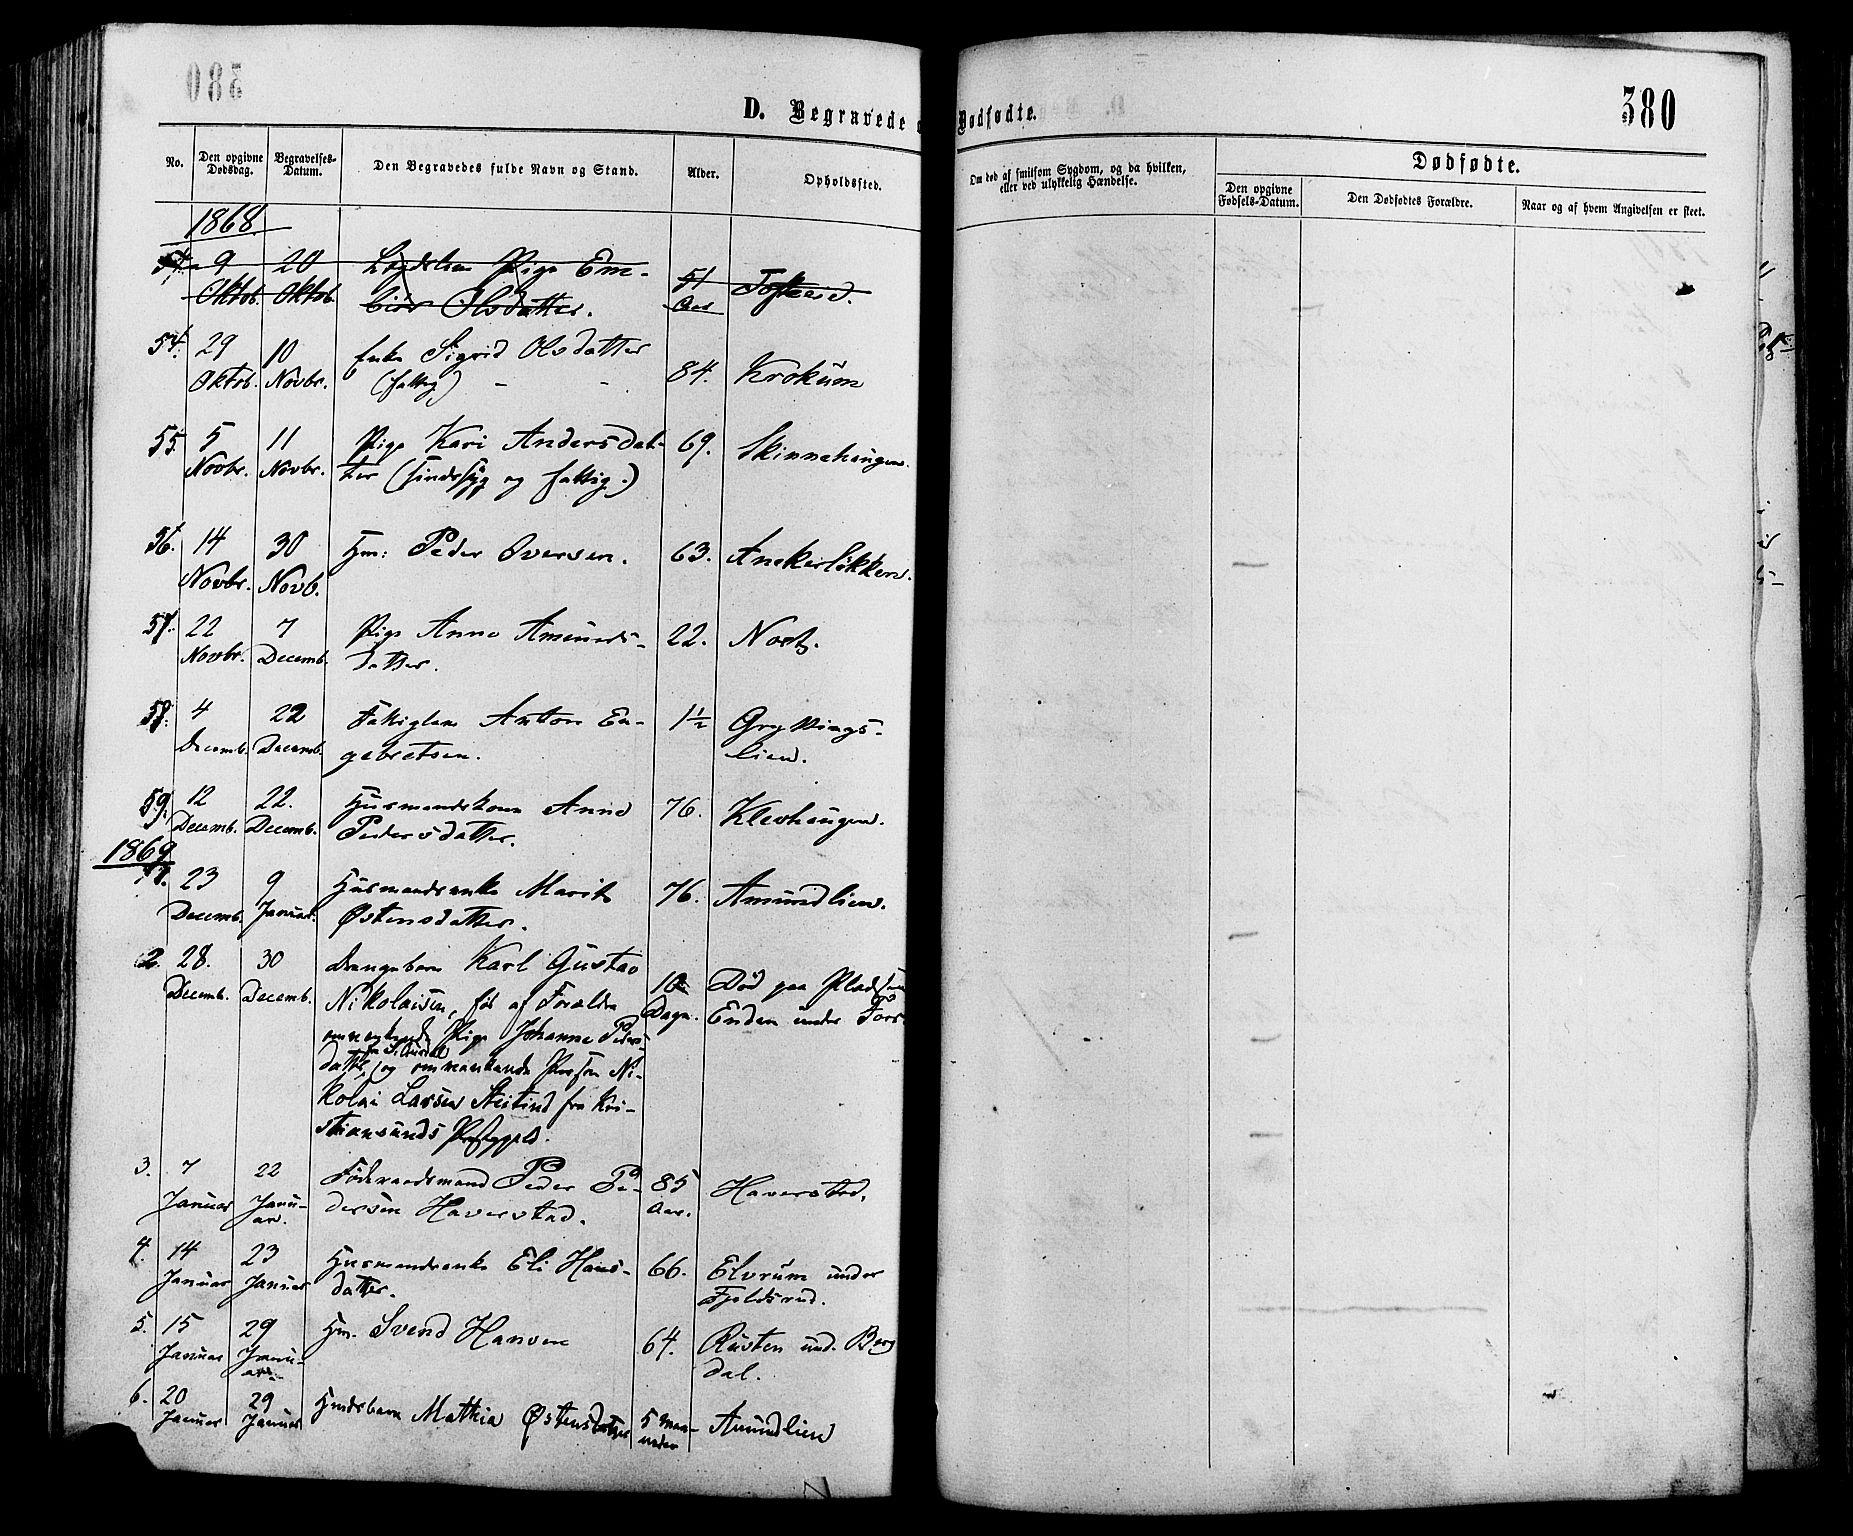 SAH, Sør-Fron prestekontor, H/Ha/Haa/L0002: Ministerialbok nr. 2, 1864-1880, s. 380